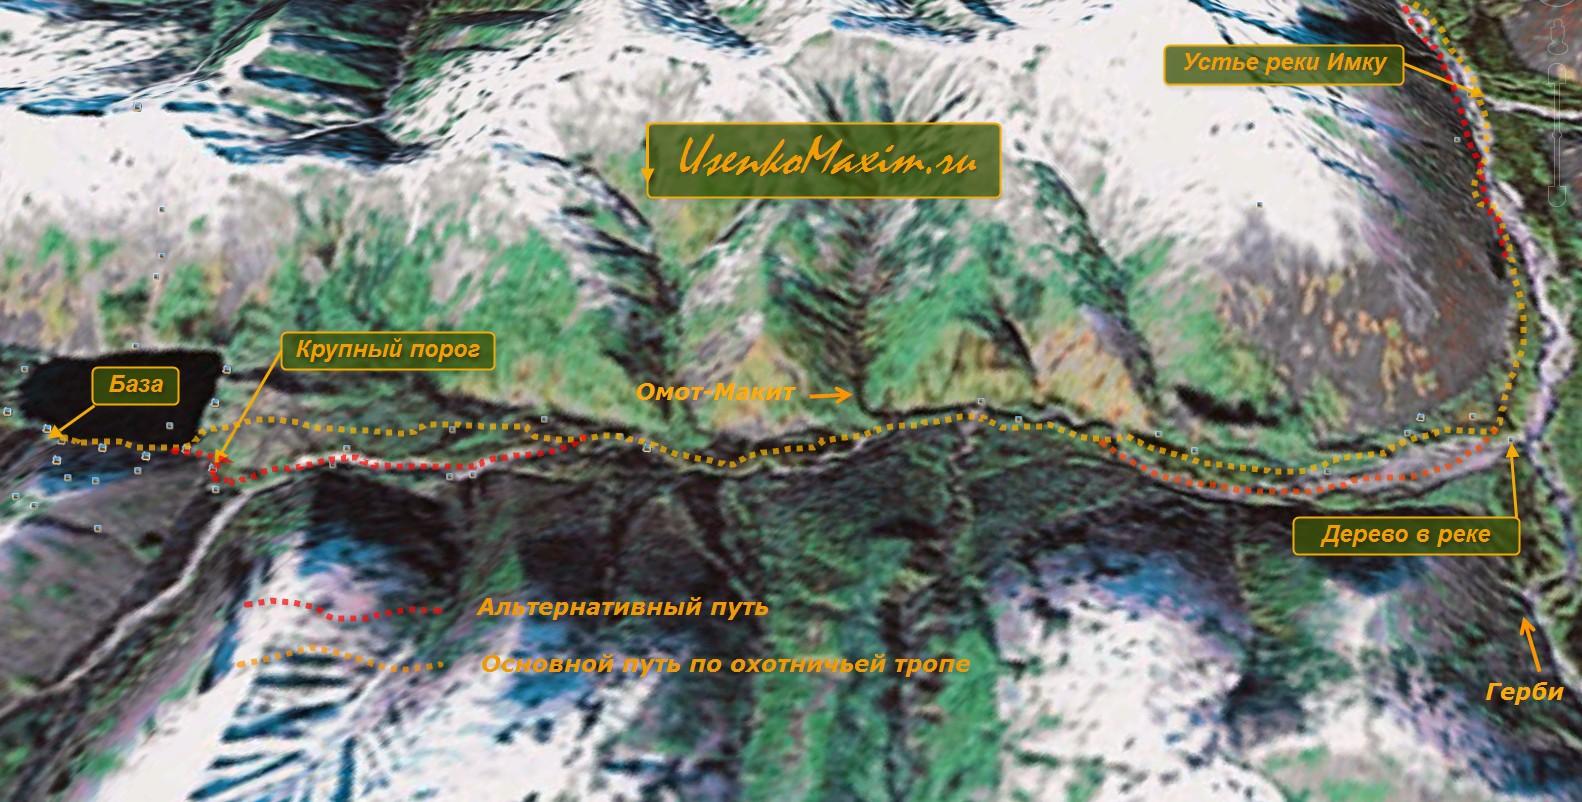 Карта-схема реки Омот-Макит